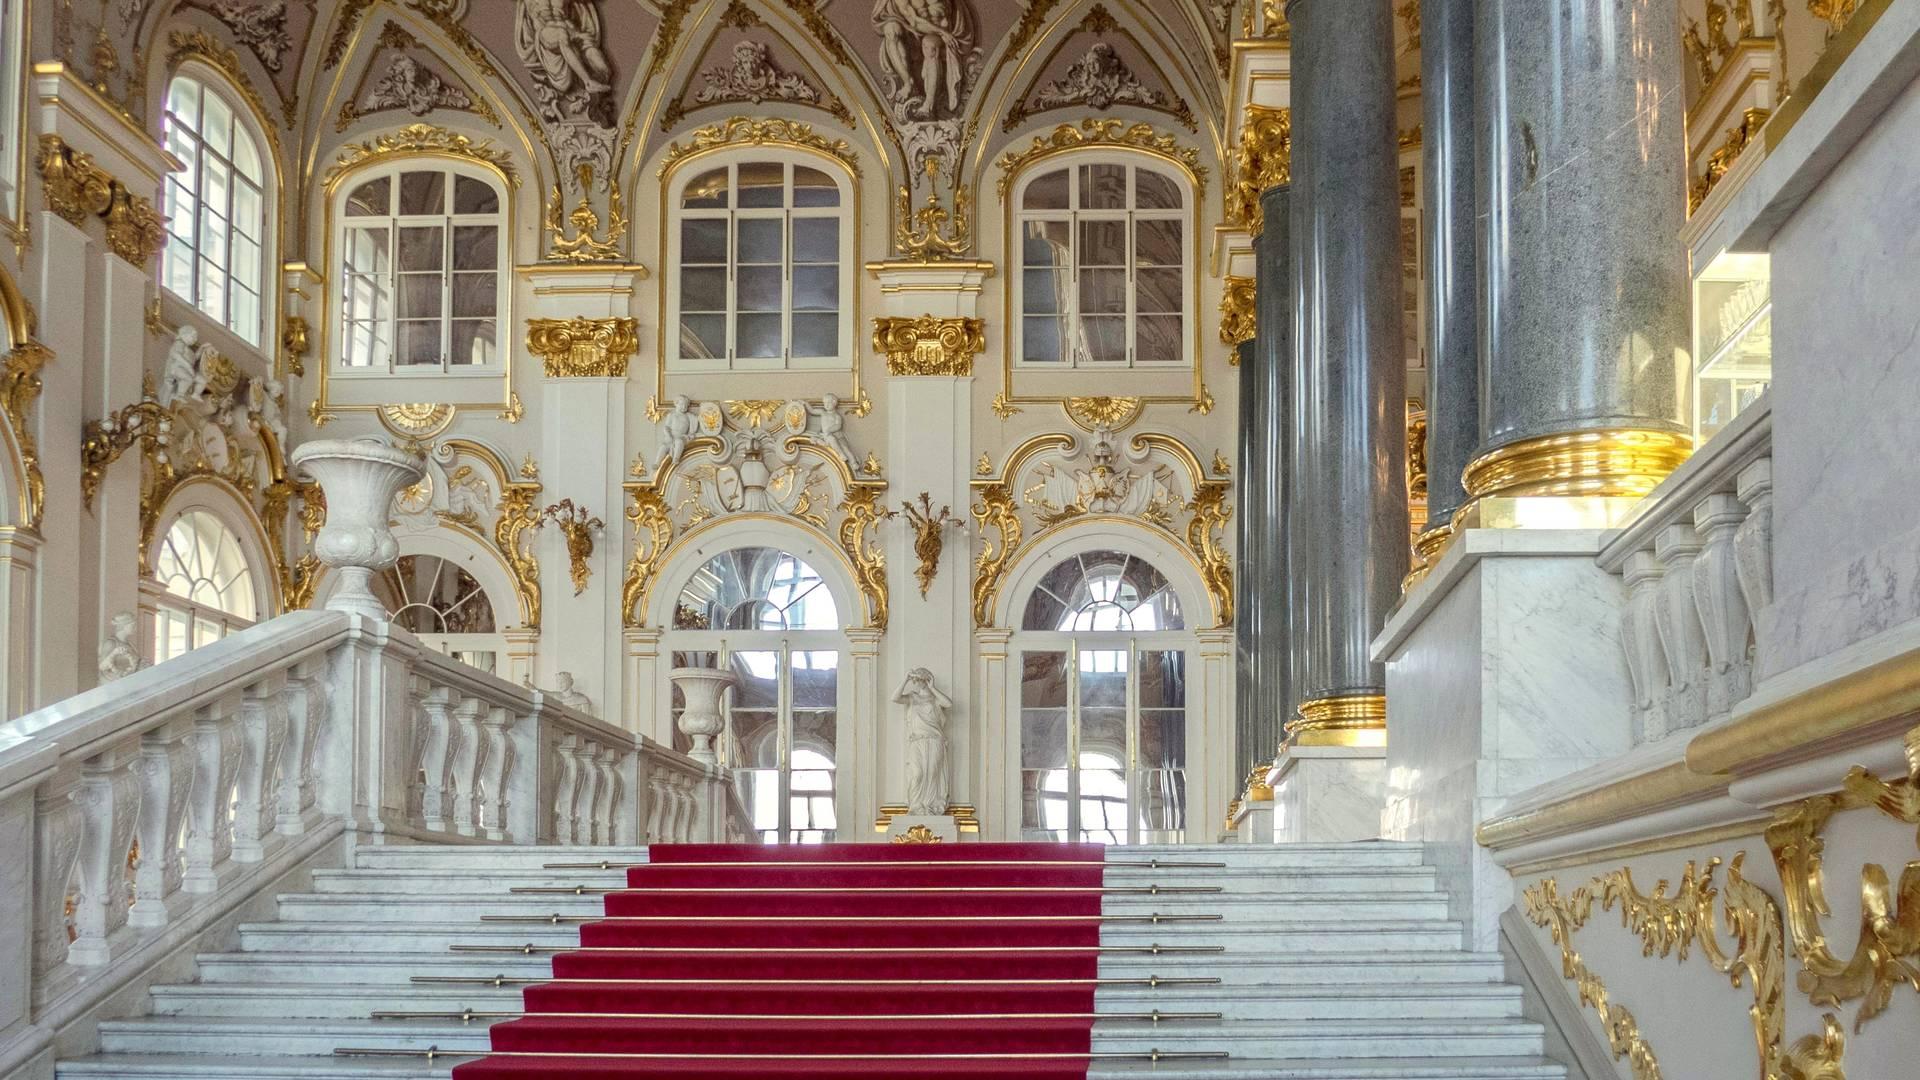 Jordaanse Trappen in de Hermitage, St. Petersburg